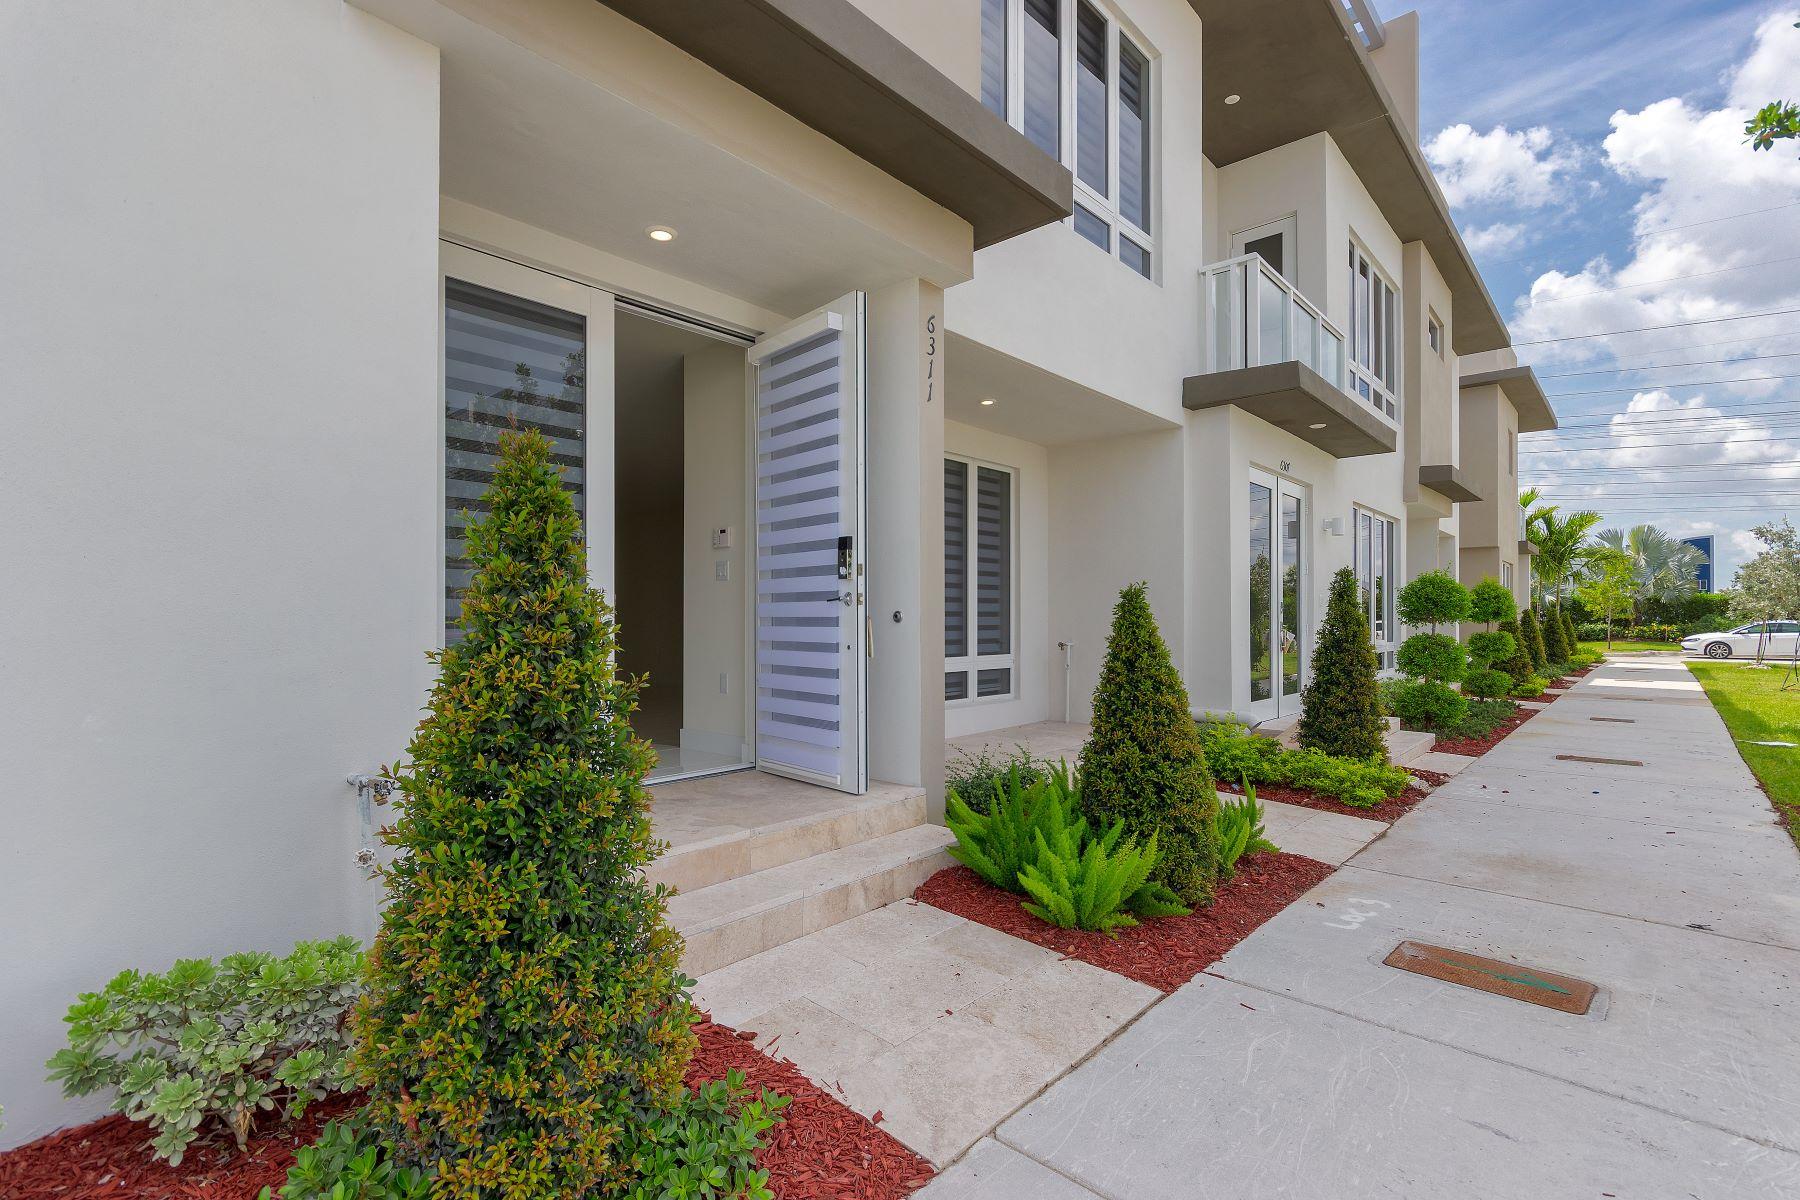 townhouses für Verkauf beim 6311 Nw 103rd Psge 6311, Doral, Florida 33178 Vereinigte Staaten